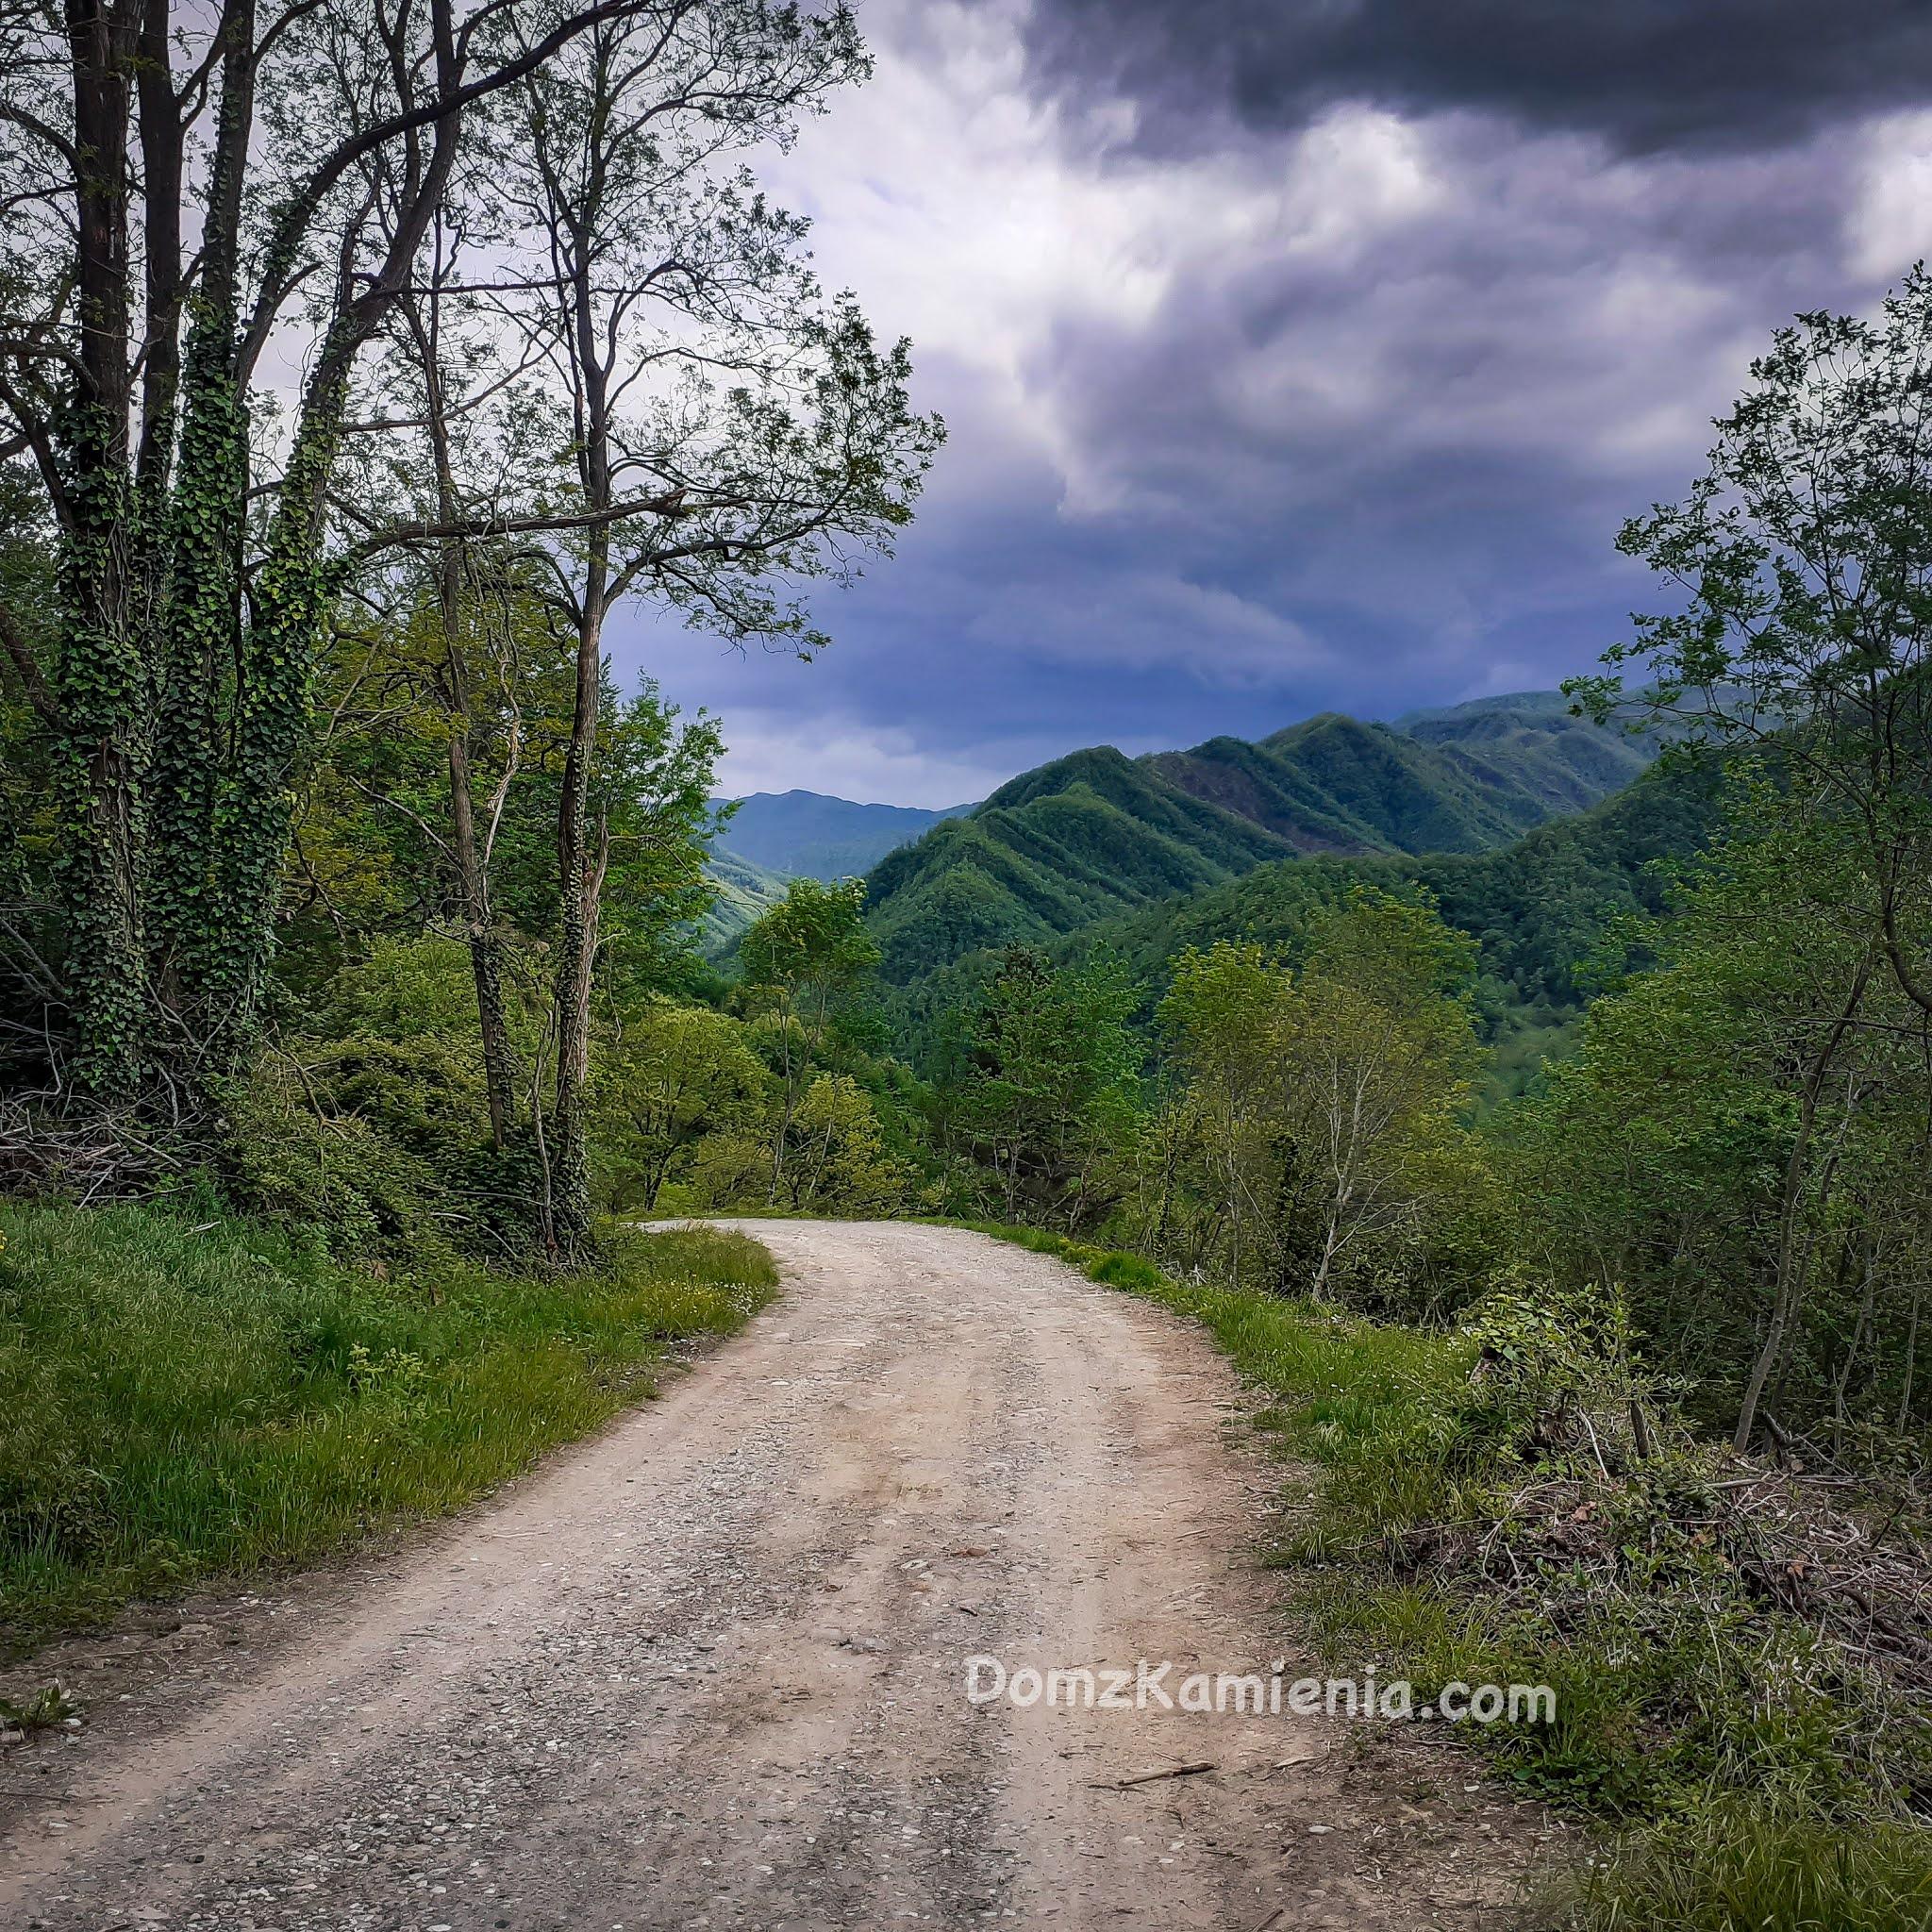 Dom z Kamienia, blog o życiu w Toskanii, Biforco